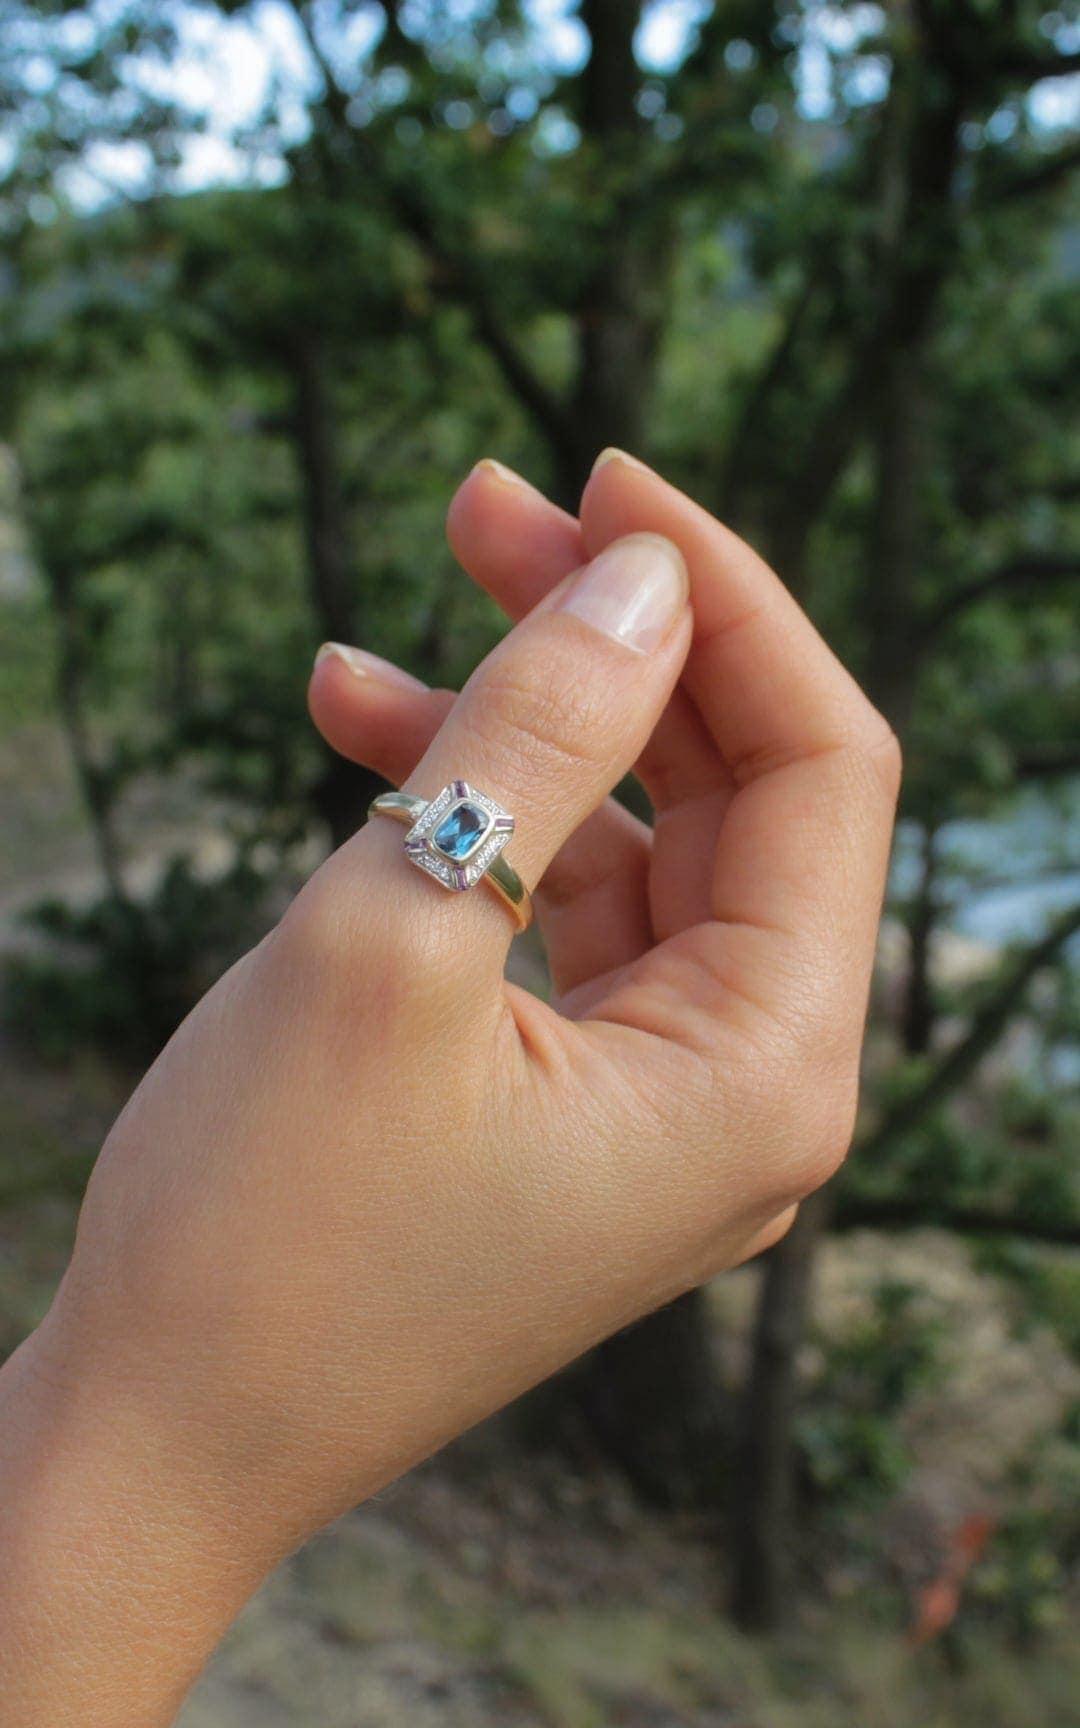 Modelka prezentuje na dłoni złoty pierścionek z topazem i diamentami